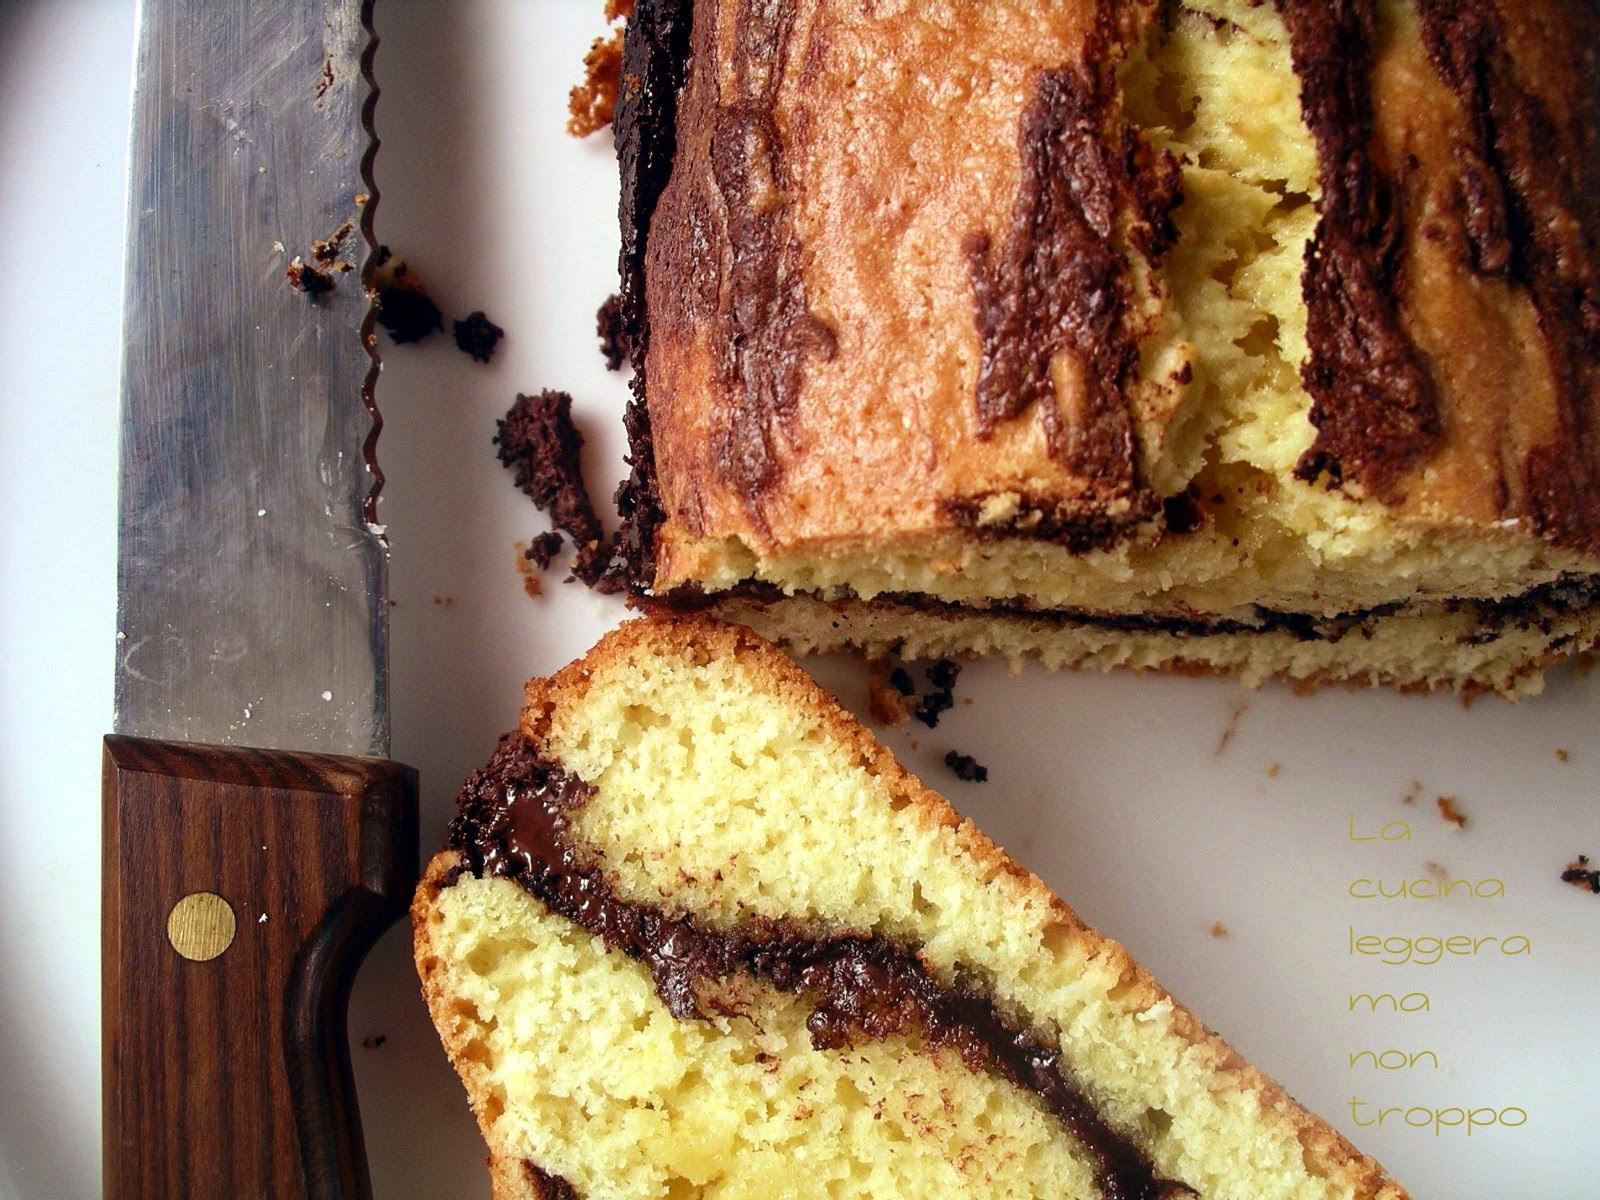 ricetta per merenda veloce Ricetta plumcake cioccolato e arancia